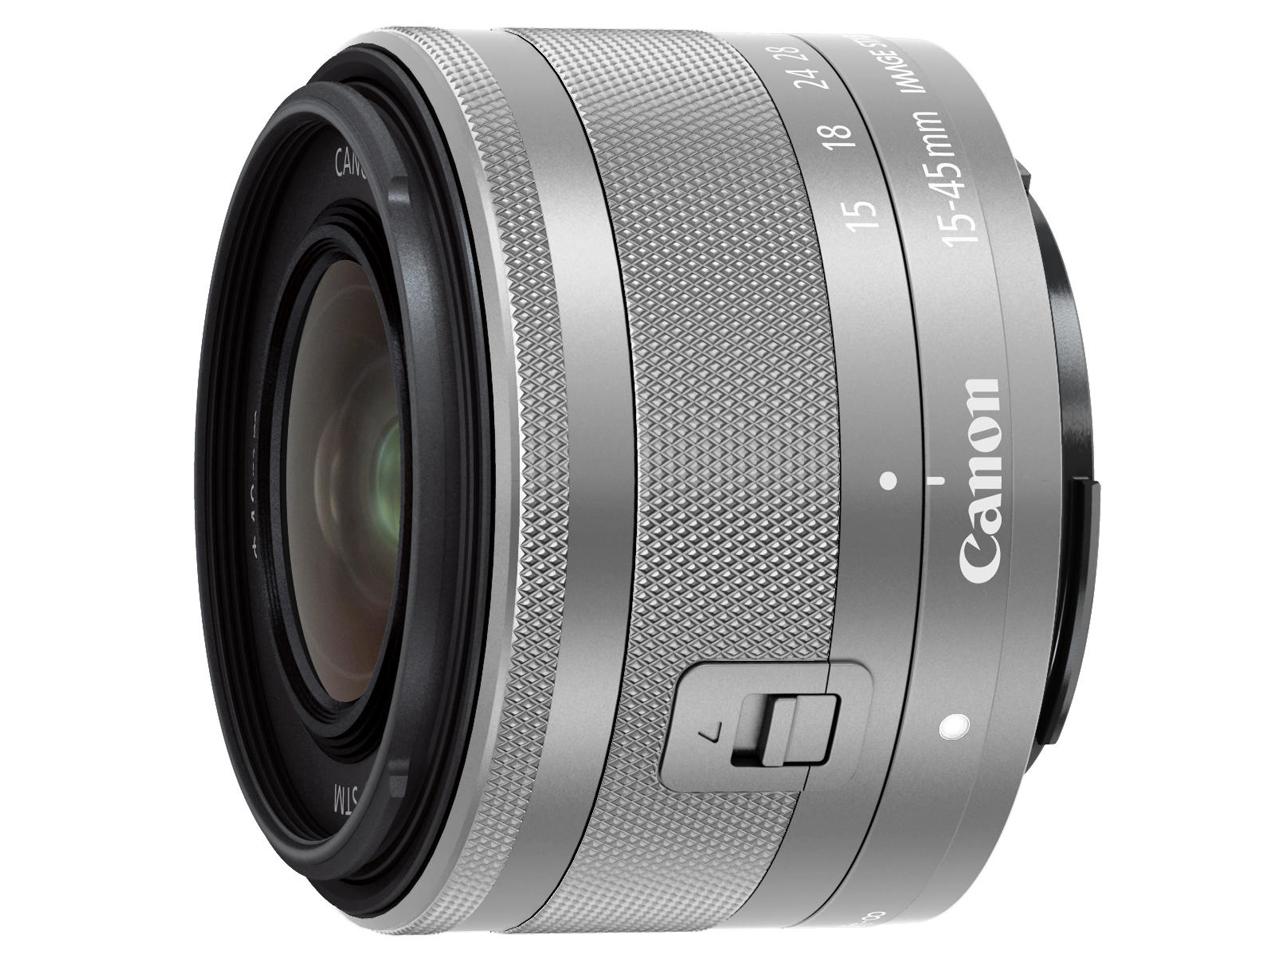 【エントリーでポイント5倍】キヤノン(Canon) ミラーレス用レンズ EF-M15-45mm F3.5-6.3 IS STM シルバー